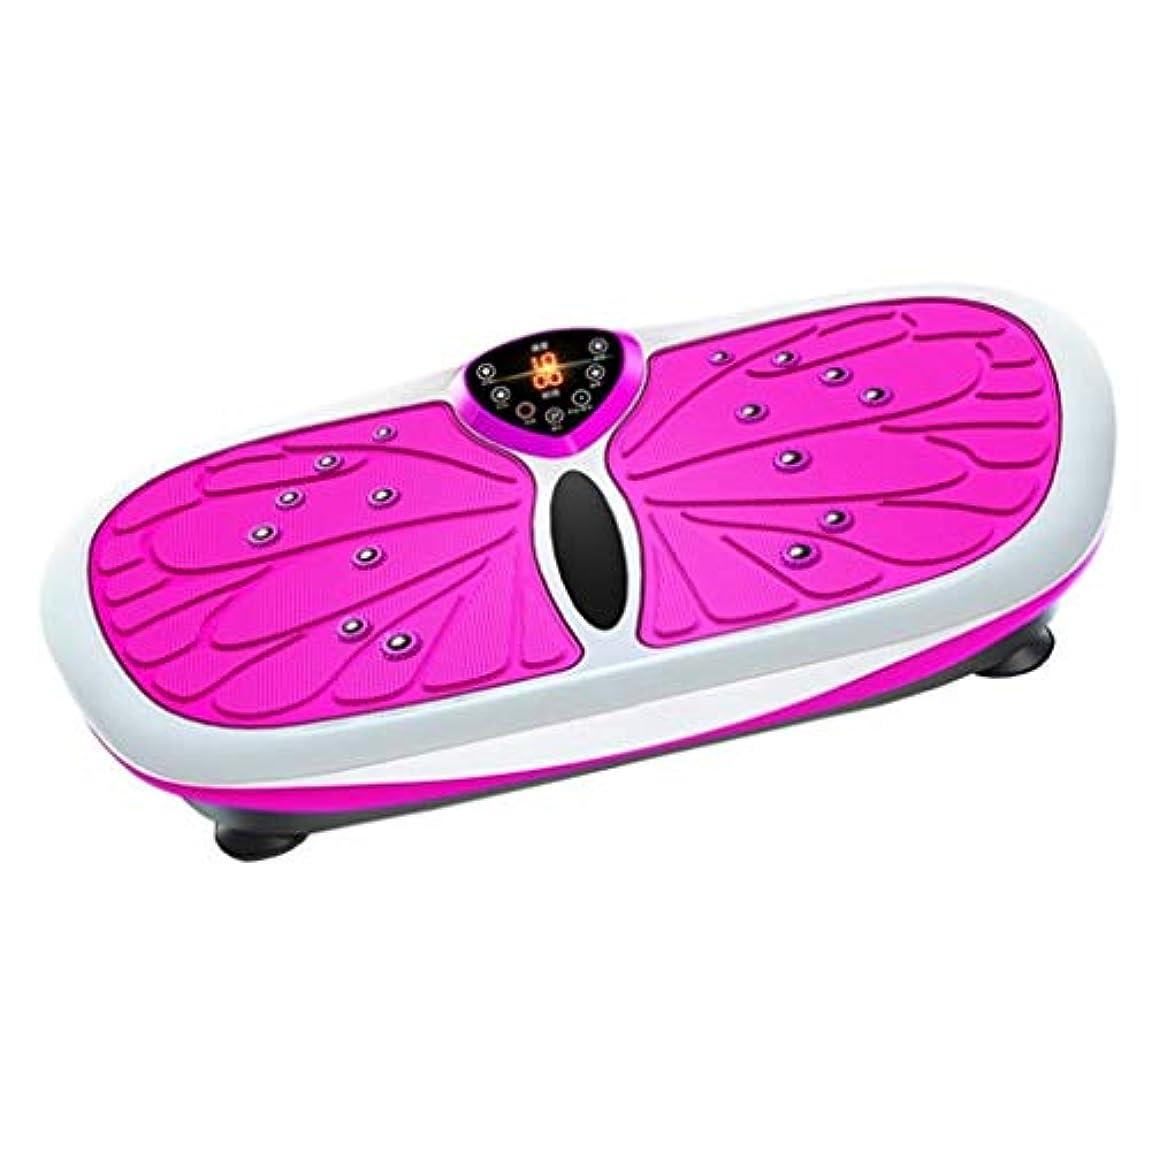 ヒントプラス輝く減量装置、サイレントモーター振動プレート-ジム自宅での体重減少のための99レベルの3D振動トレーナー磁気療法マッサージ (Color : ピンク)